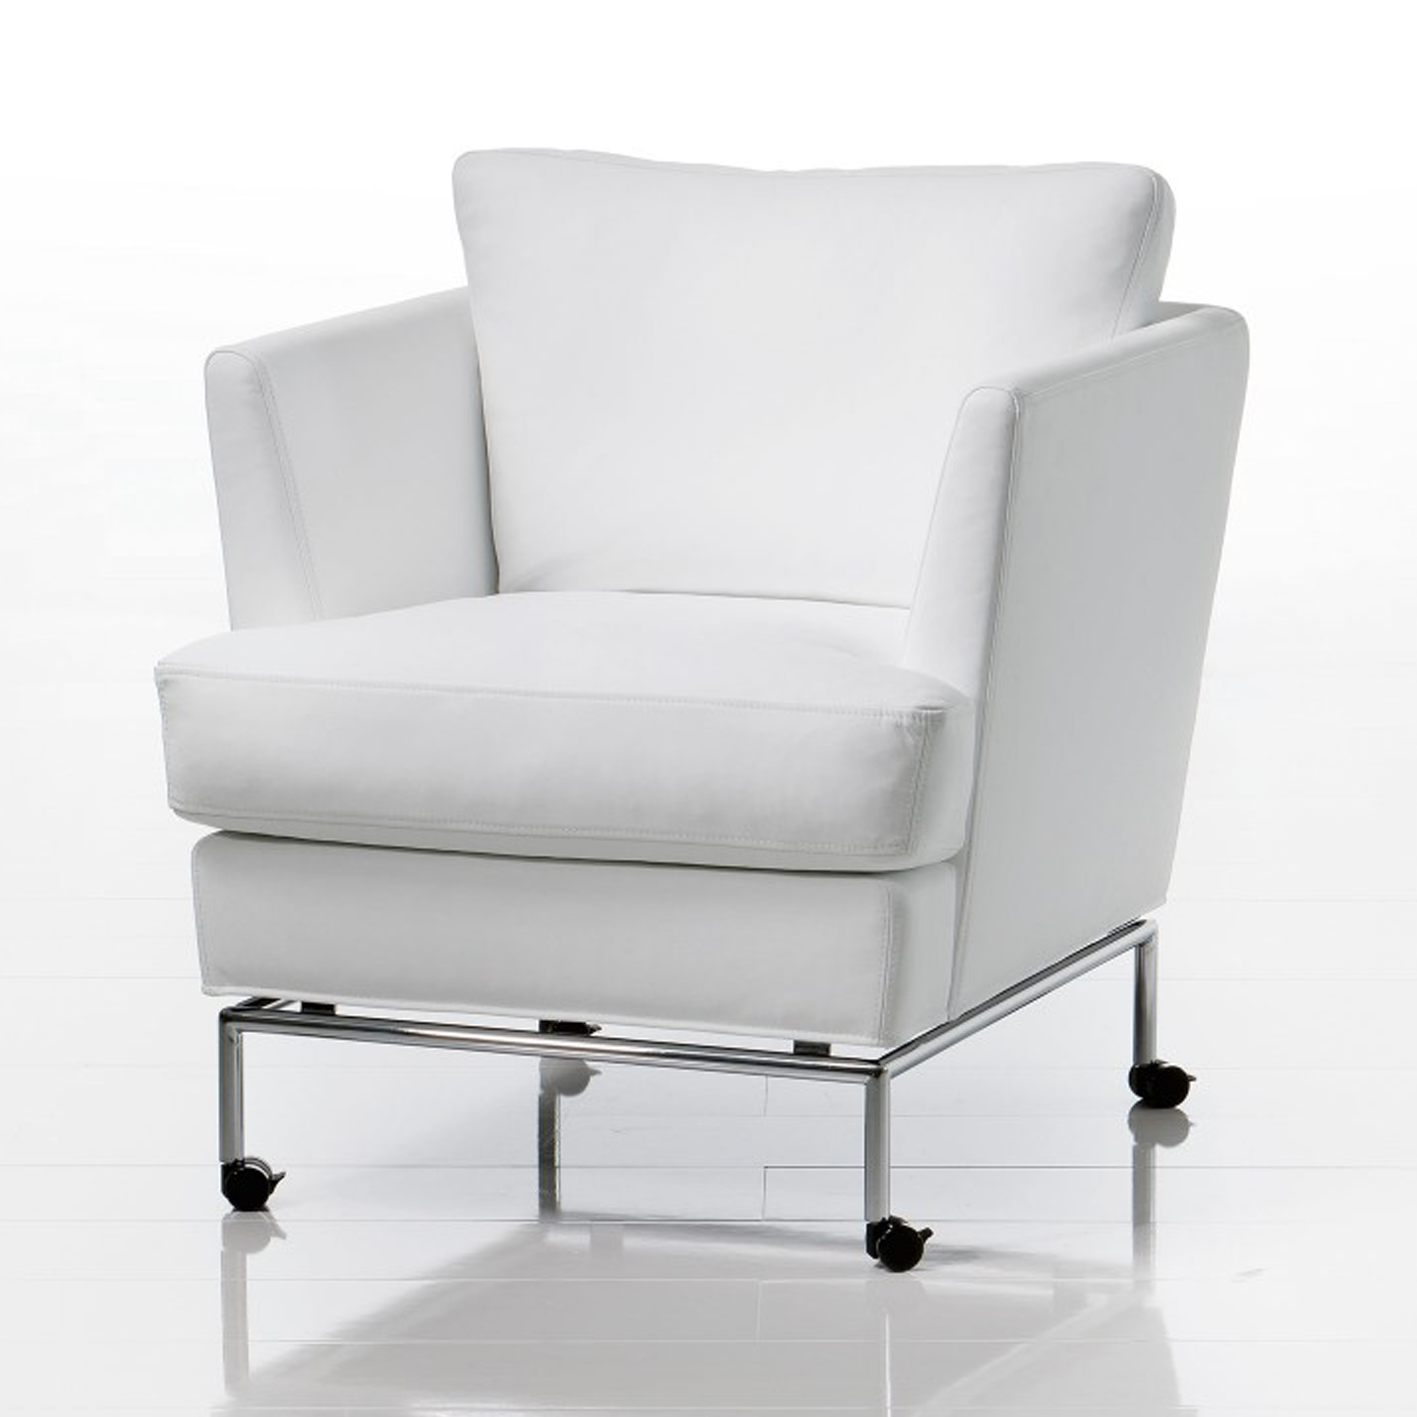 Carousel Von Bruhl Mit Lose Aufliegenden Sitzkissen Ist Eine Leger Moderne Anpass Ungsfahige Und Komfortable Linie Eine Sessel Mit Hocker Sofa Sessel Sessel